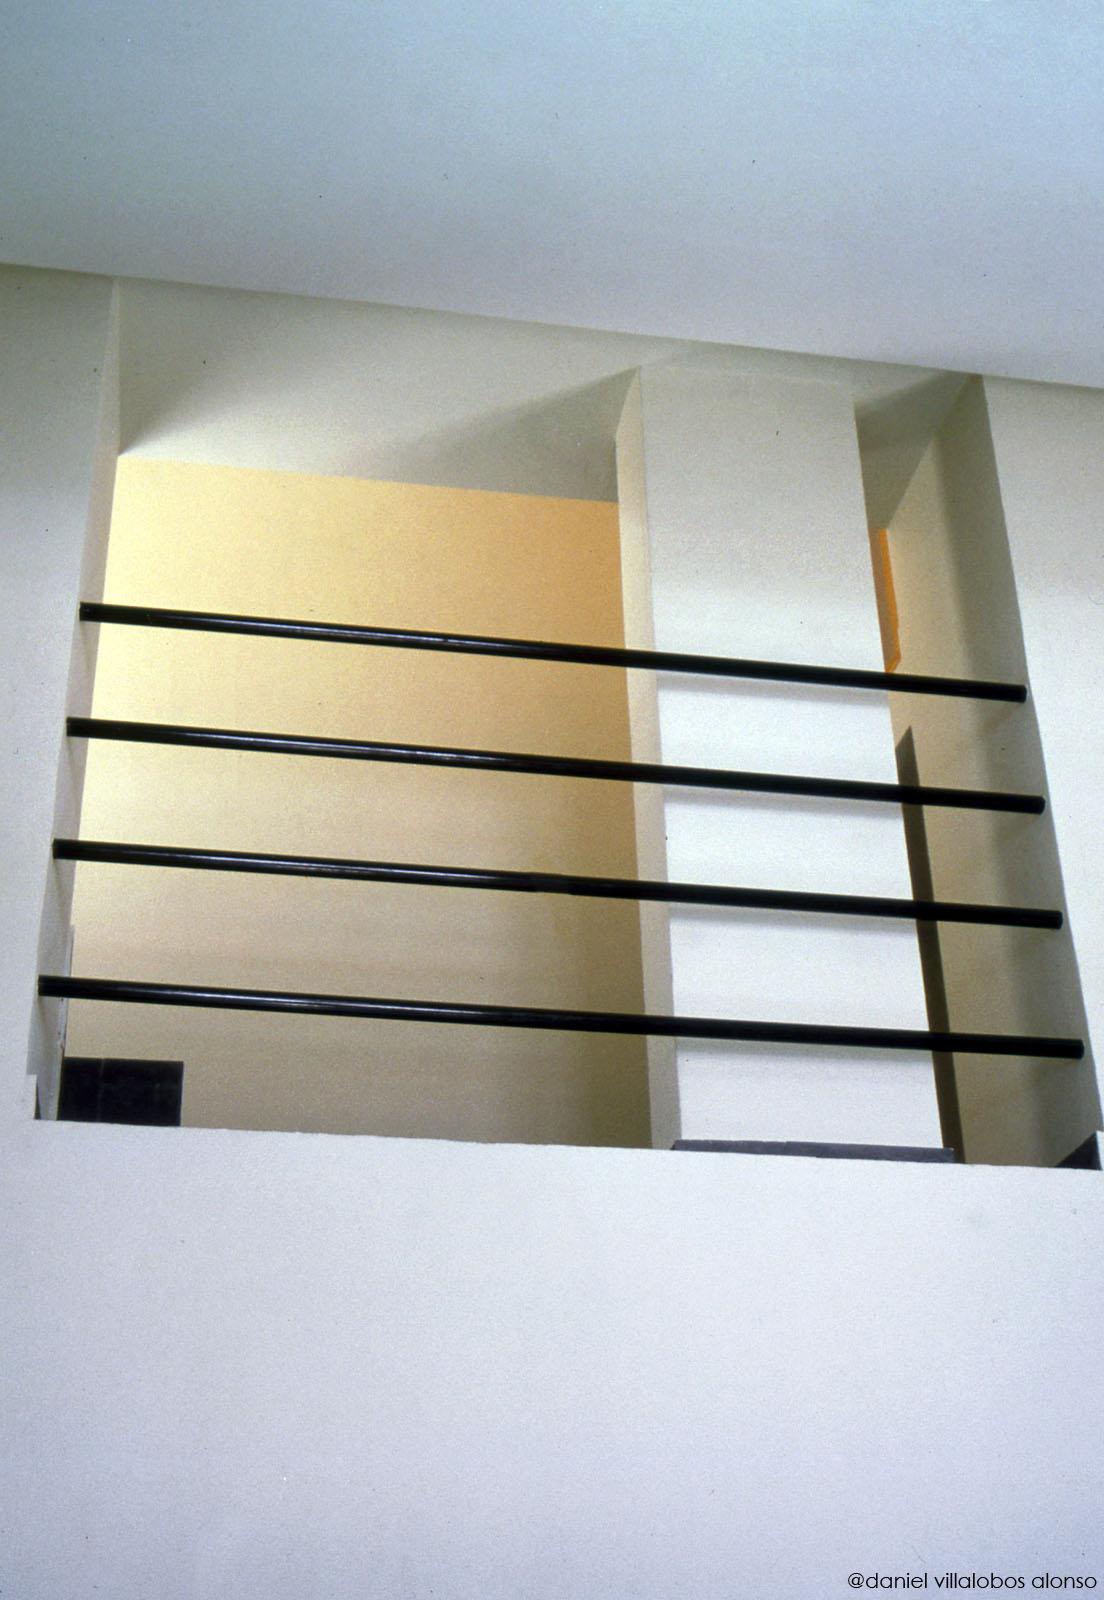 danielvillalobos-spanish-architecturexxthcentury-stonearchitecture-spanisharchitecturemodern-16